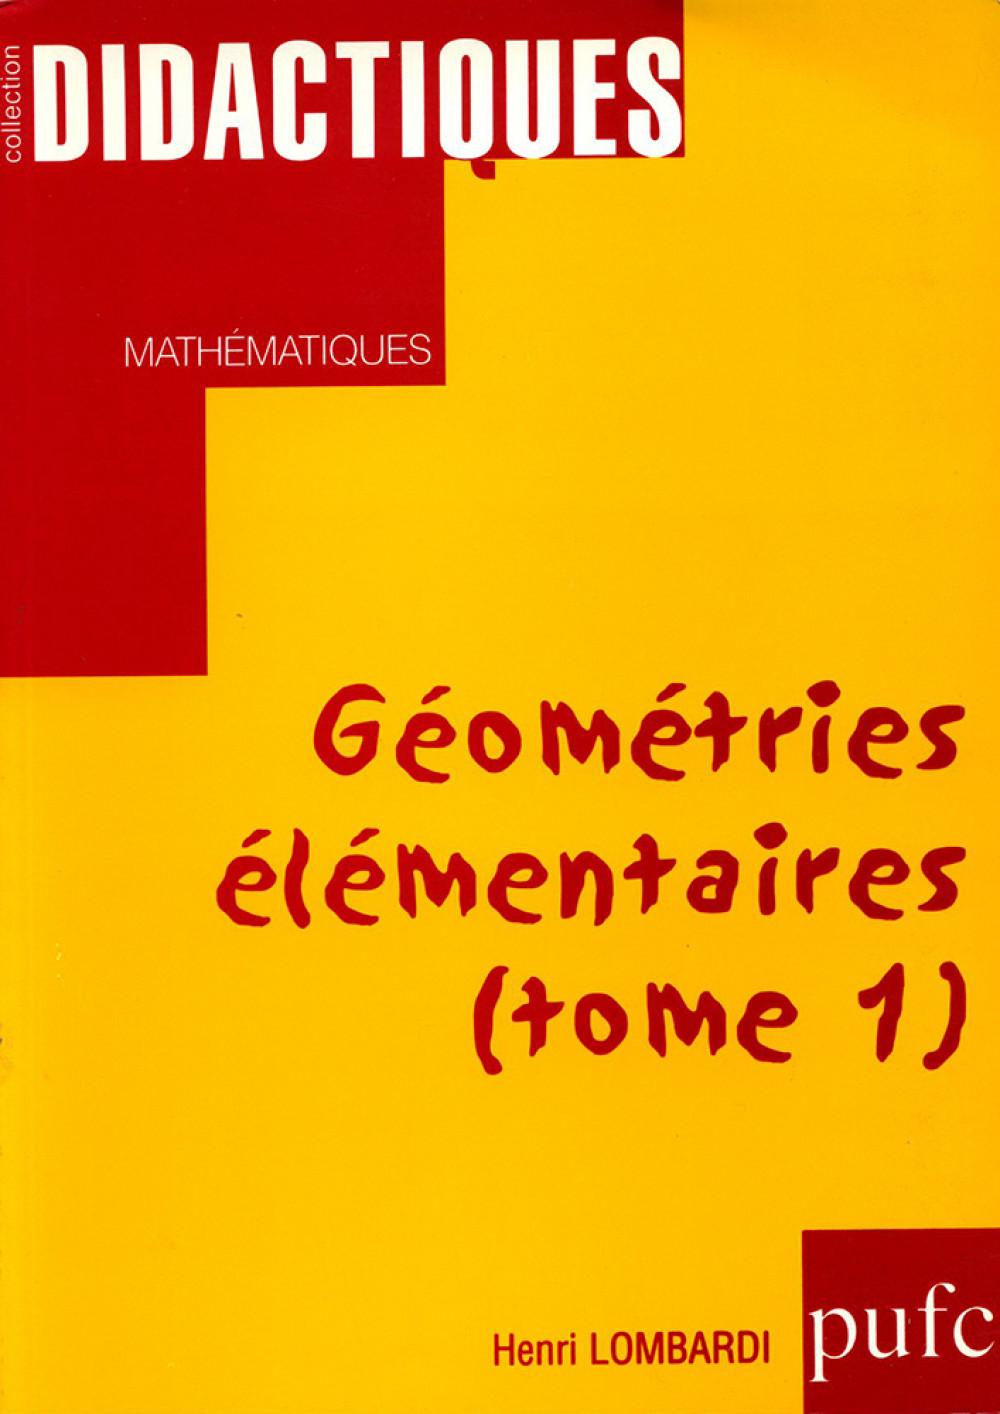 Géométries élémentaires. Tome1